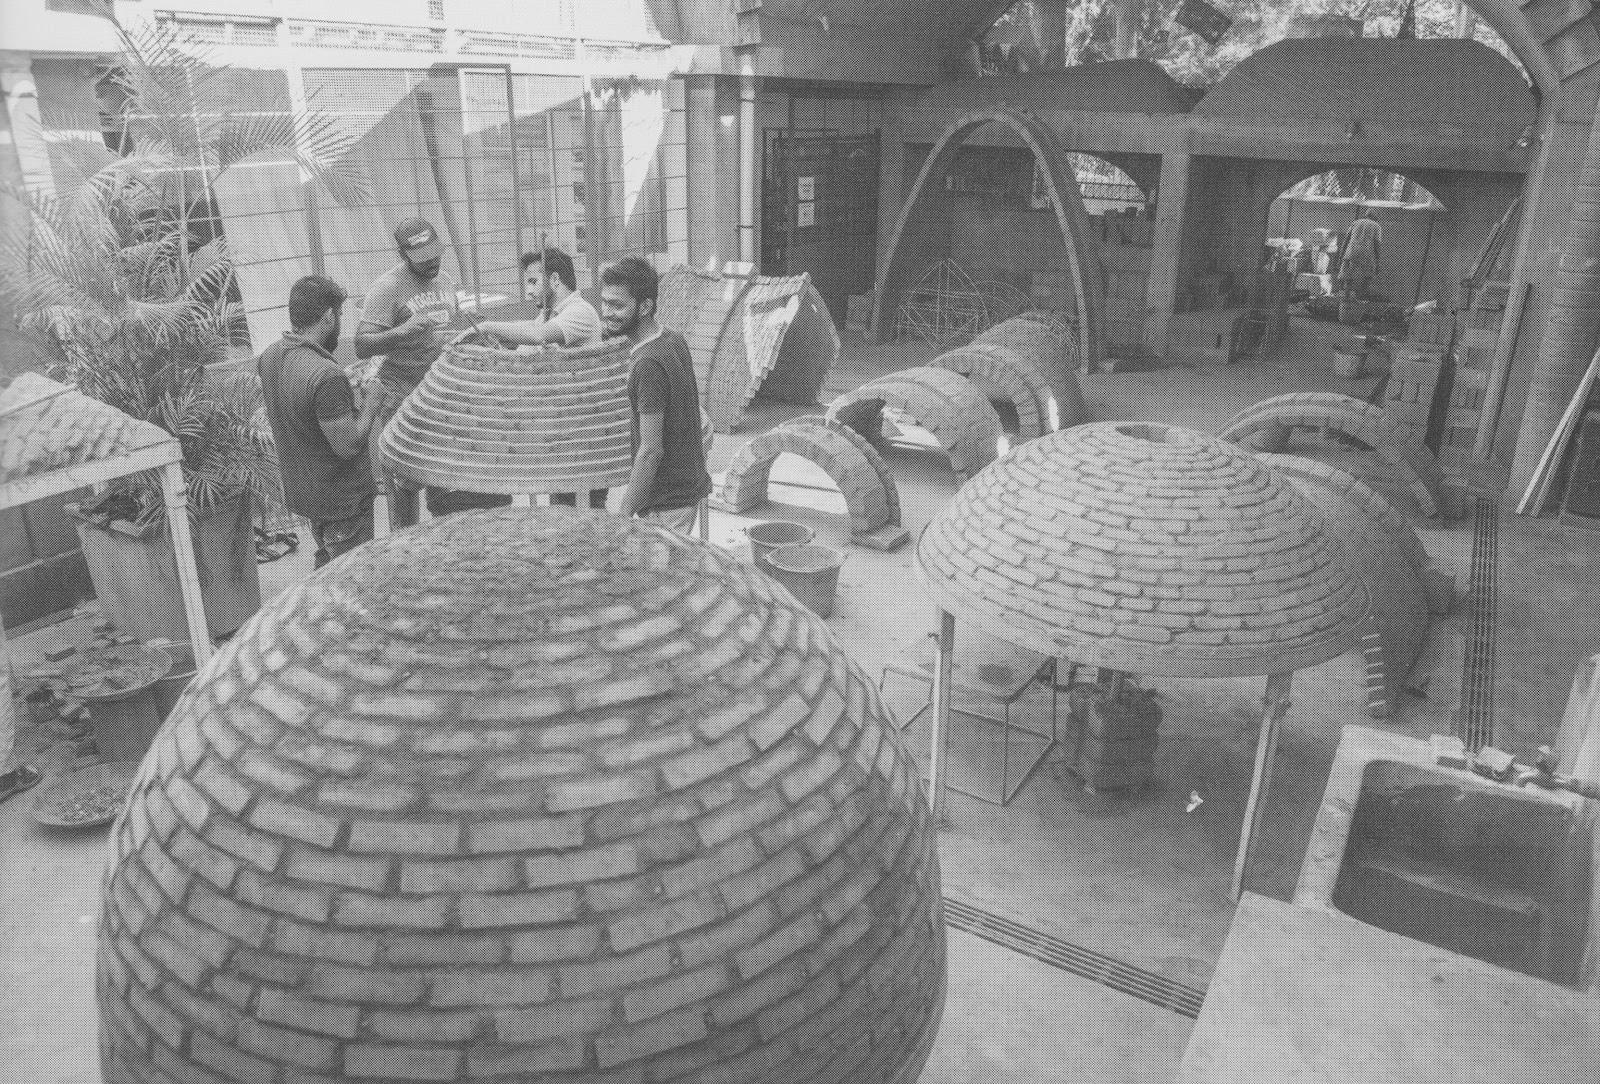 Workshop di Auroville Earth Institute mengajarkan berbagai teknik membangun dengan batu bata, yakni berbagai tipe arch seperti pointed arch dan semi-circular arch dan berbagai tipe dome seperti corbelled dome dan cloister dome